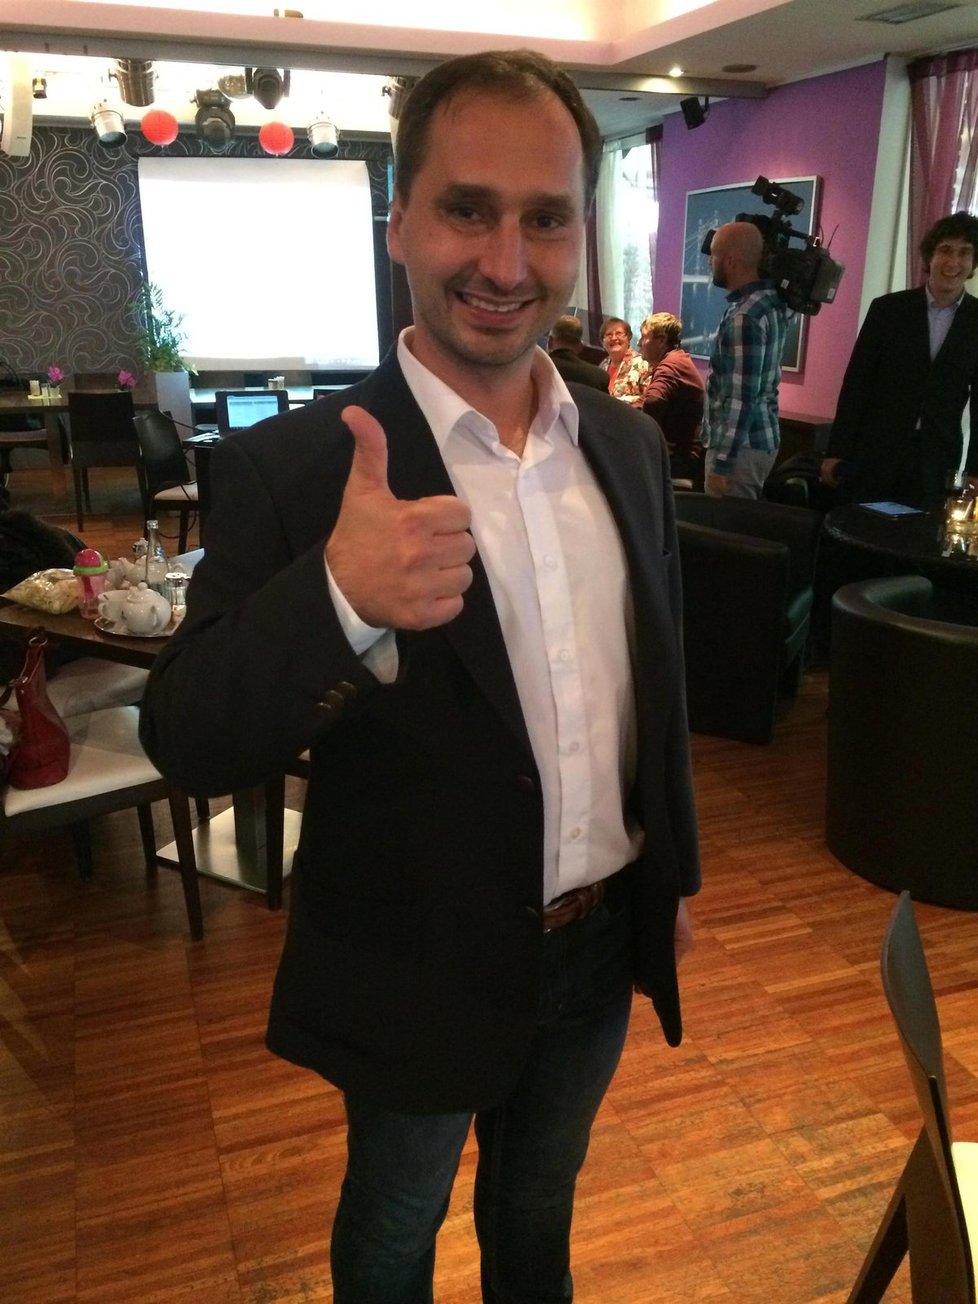 Lídr krajské kandidátky KDU-ČSL na jižní Moravě Roman Celý má důvod k úsměvu. Lidovci k večeru přeskočili Haškovu ČSSD a jsou druzí za ANO